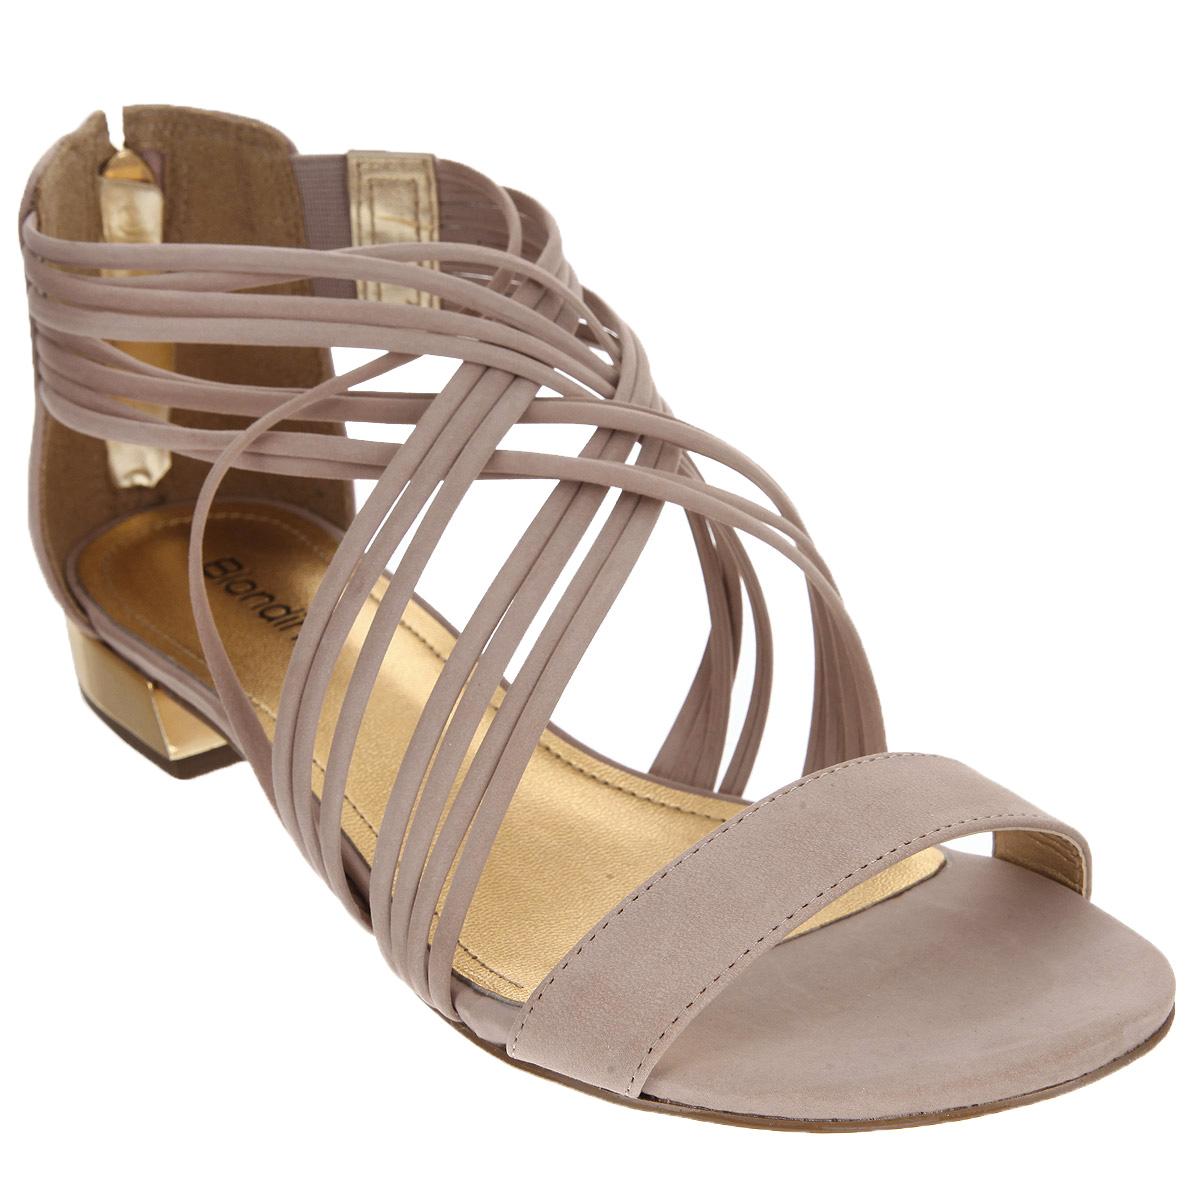 Сандалии женские. 63976397-1Эффектные женские сандалии от Biondini не оставят равнодушной настоящую модницу. Модель изготовлена из высококачественной натуральной кожи. Сандалии дополнены полужестким кожаным задником с застежкой-молнией. Фиксирующие ремешки надежно закрепят модель на ноге. Стелька из натуральной кожи с названием бренда и прострочкой по контуру комфортна при ходьбе. Низкий каблук декорирован вставкой, стилизованной под металл. Подошва с рифлением обеспечивает идеальное сцепление с любой поверхностью. Стильные сандалии помогут вам создать яркий запоминающийся образ.